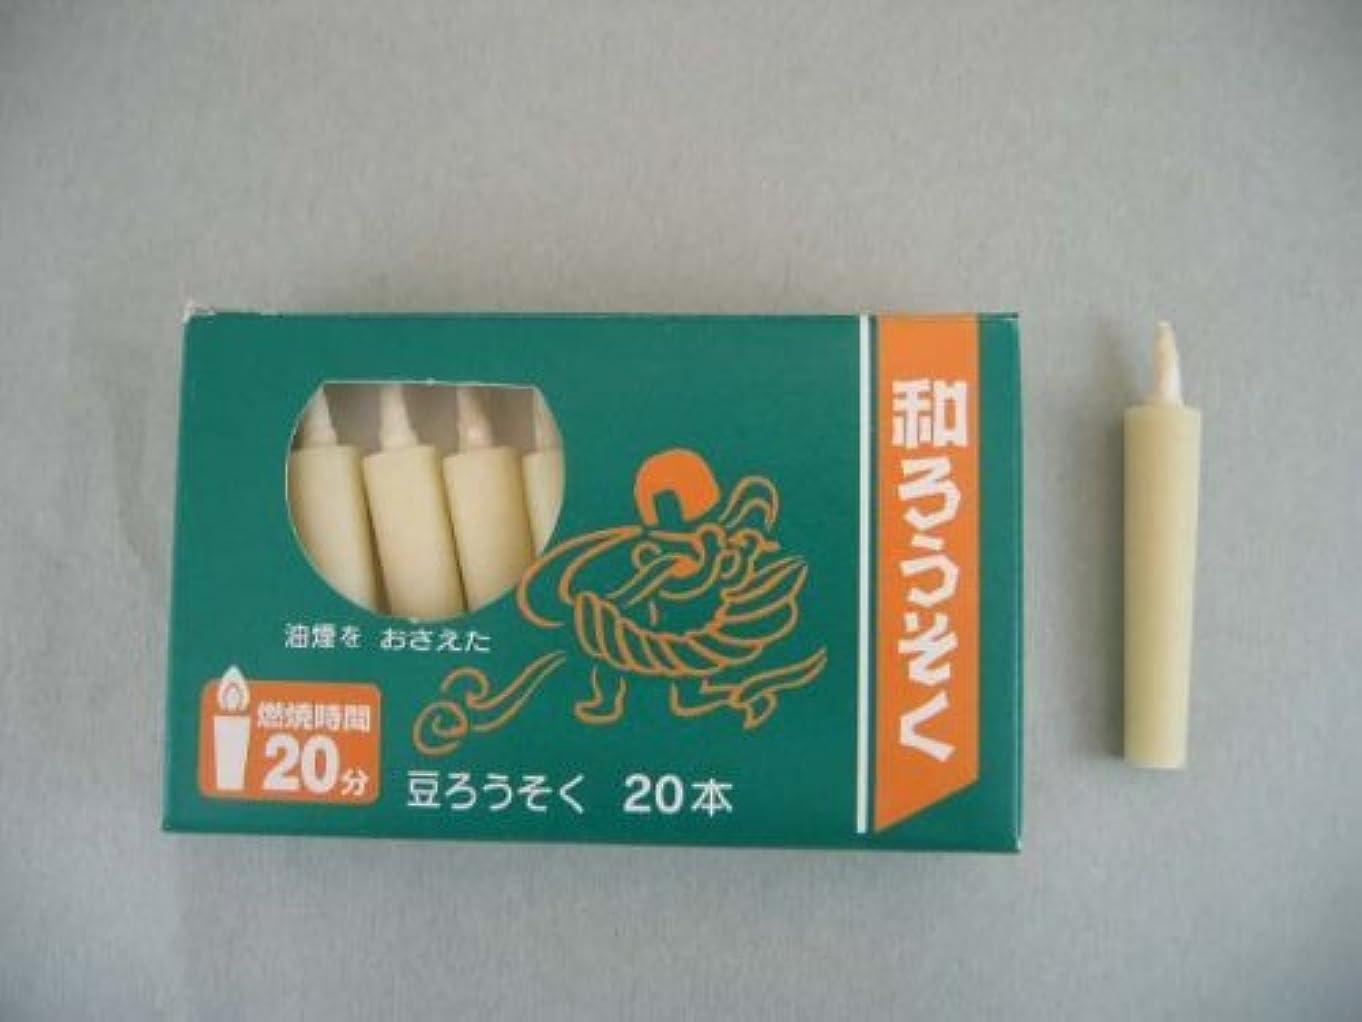 ラッチハント早熟和ろうそく 型和蝋燭 ローソク 豆型 棒タイプ 白 小箱 20本入り